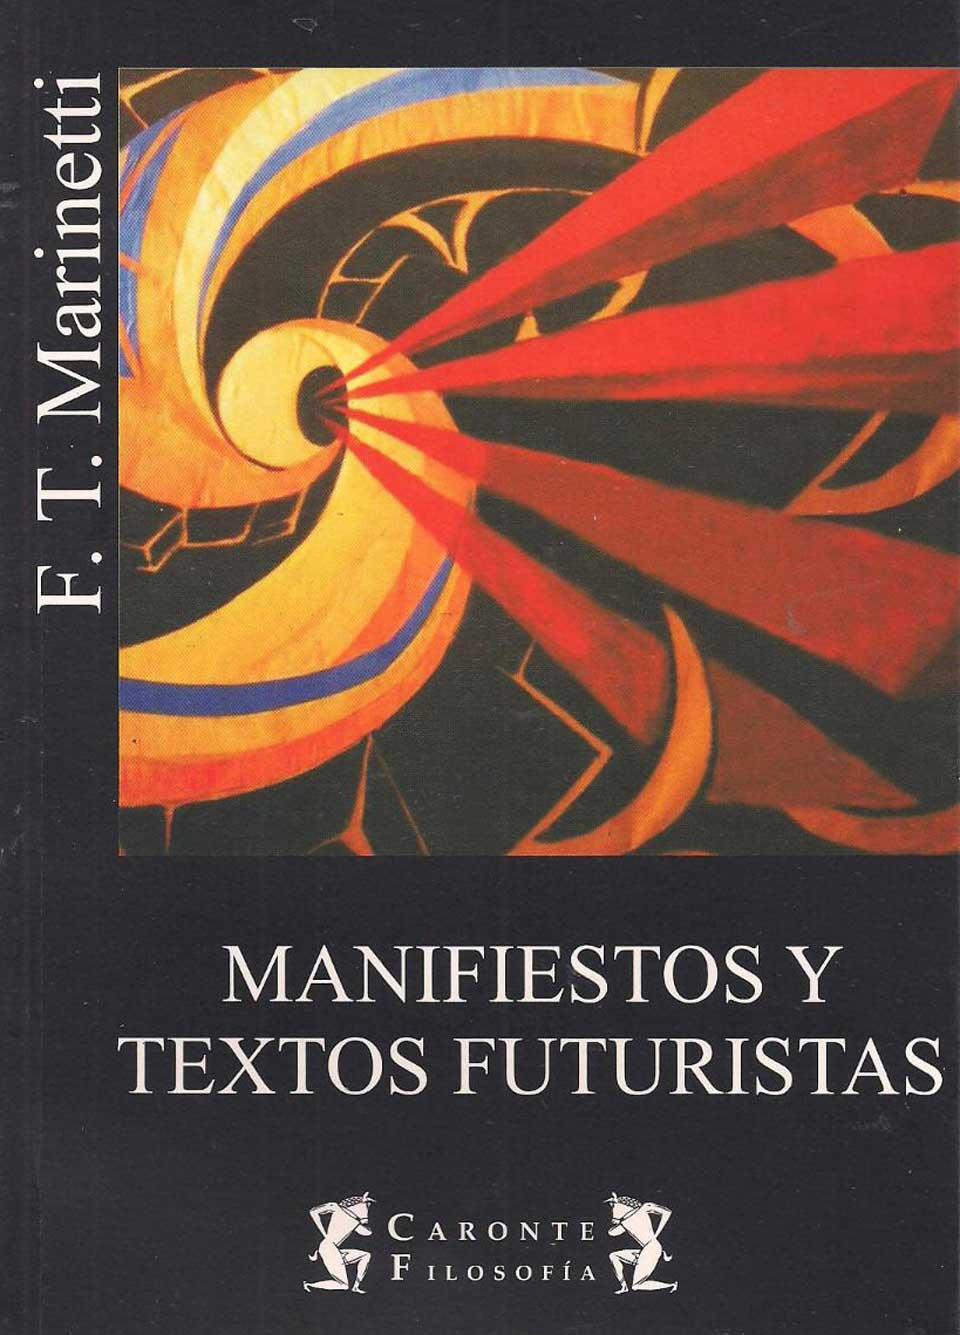 futurismo-estudio-creativo-008